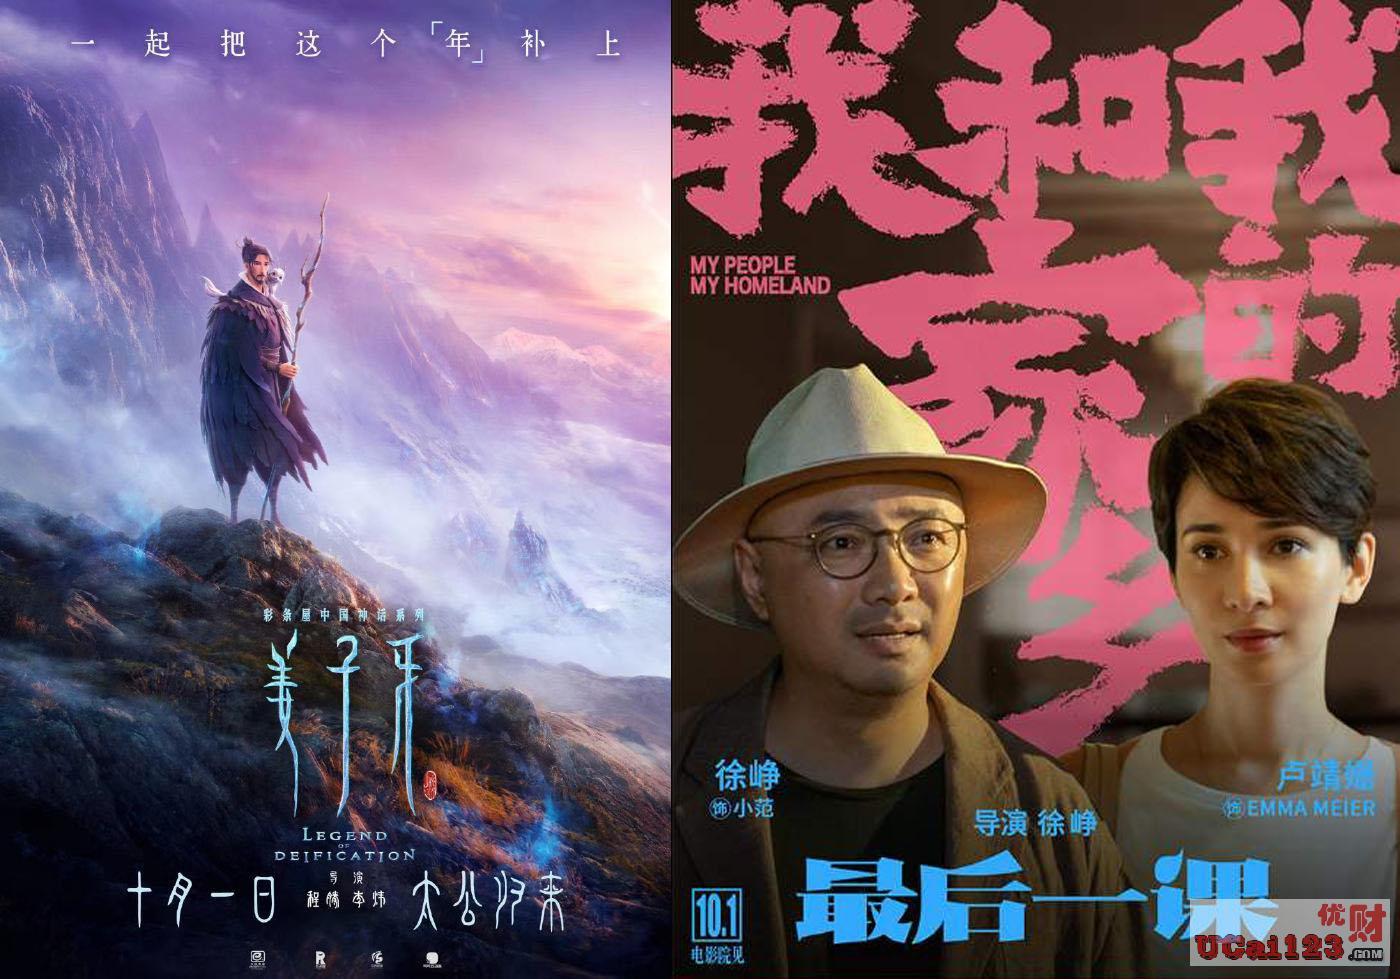 《我和我的家鄉》與《姜子牙》雙雙突破10億元人民幣,國慶檔電影市場異?;鸨?></a></li><li><a href=